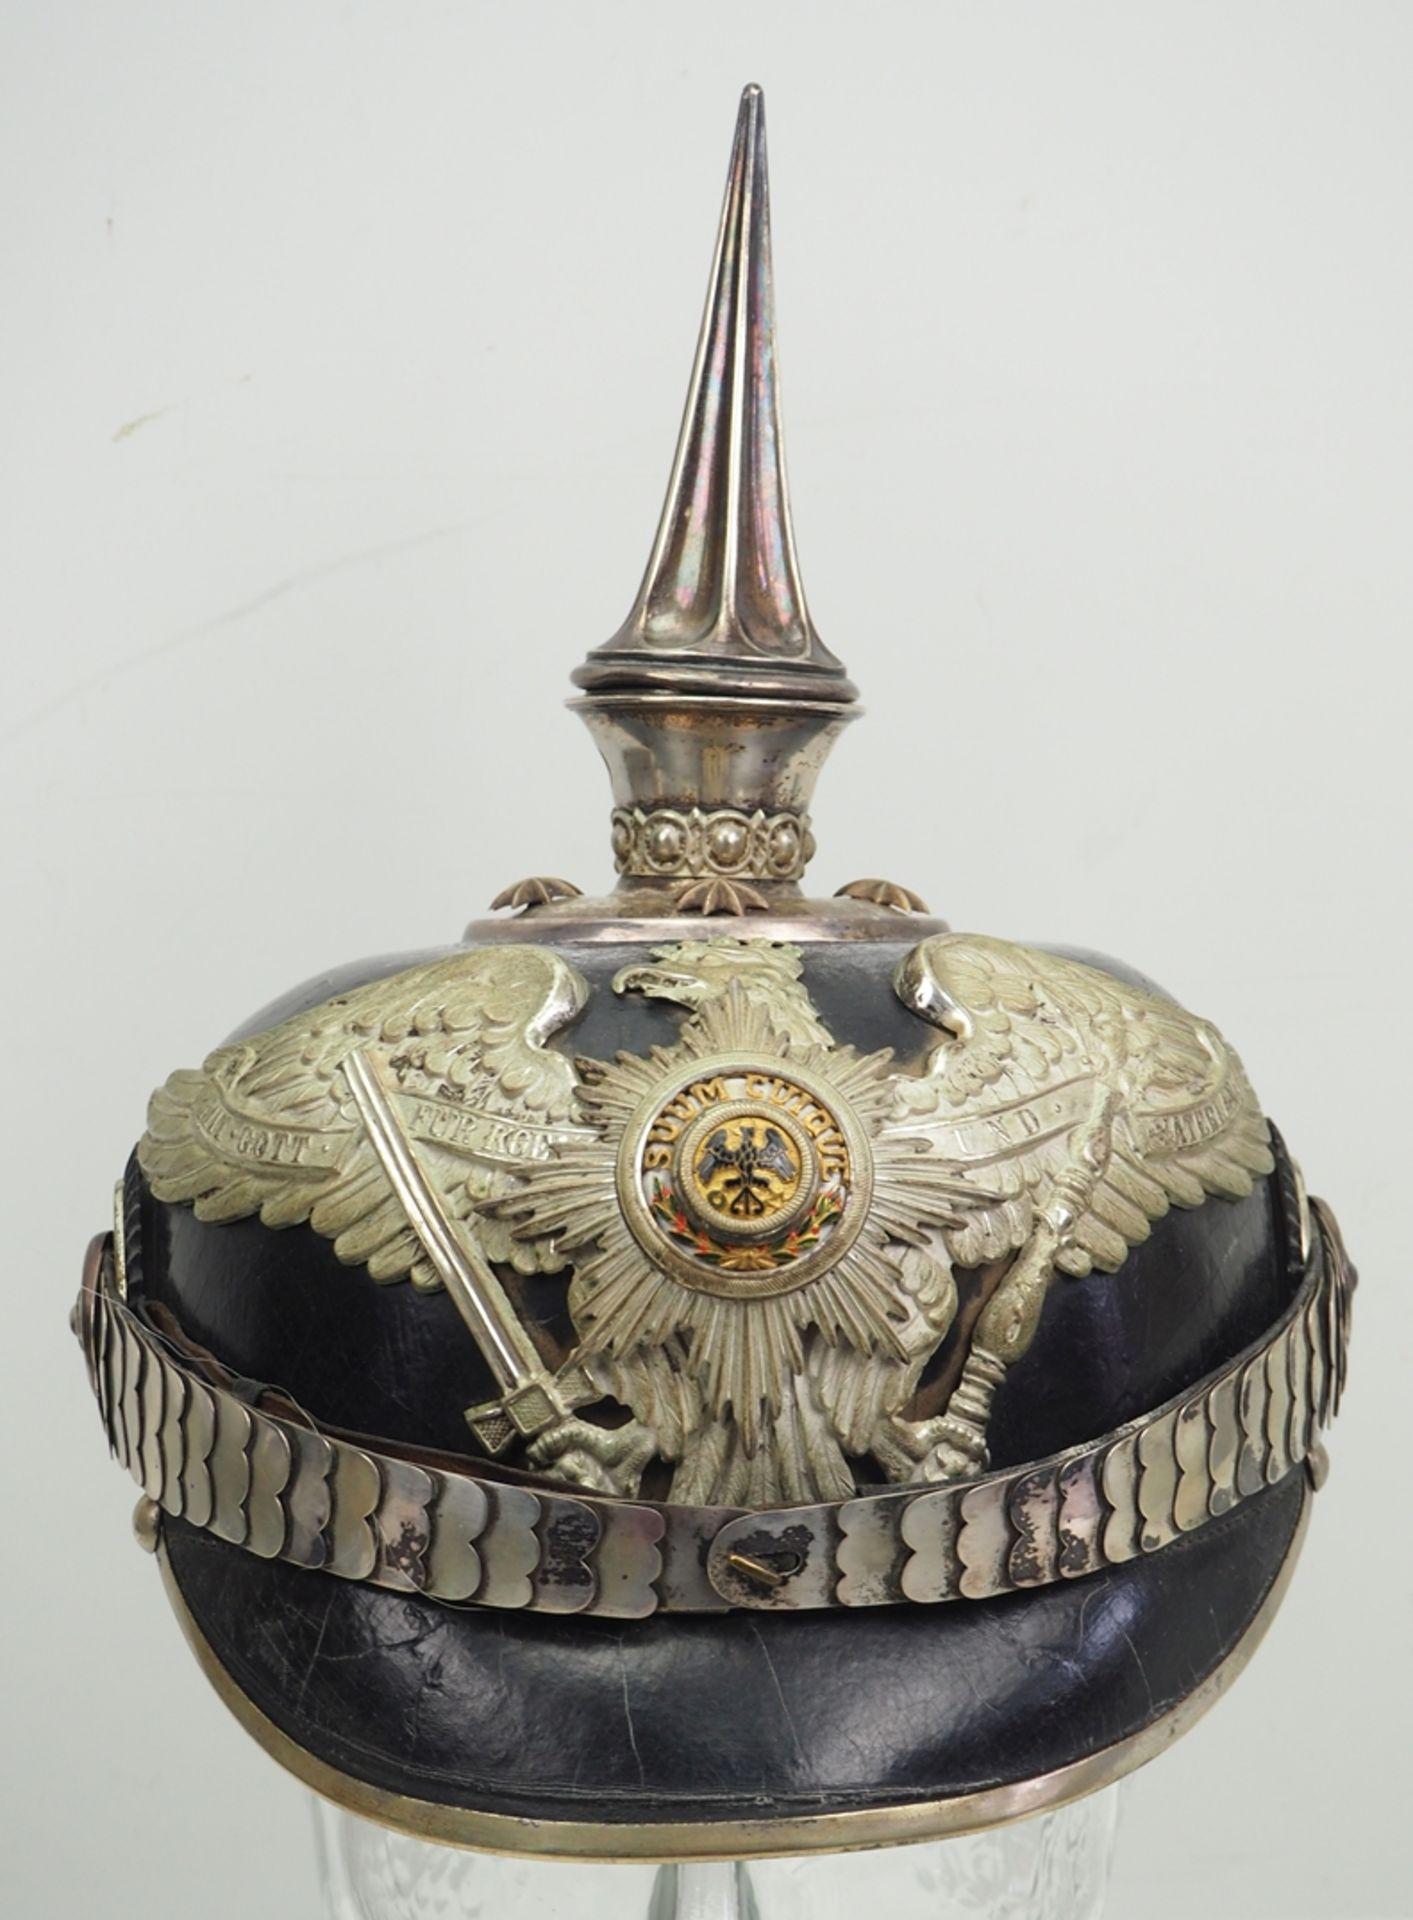 Preussen: Garde-Regiment zu Fuß, Helm für Offiziere. - Bild 2 aus 6